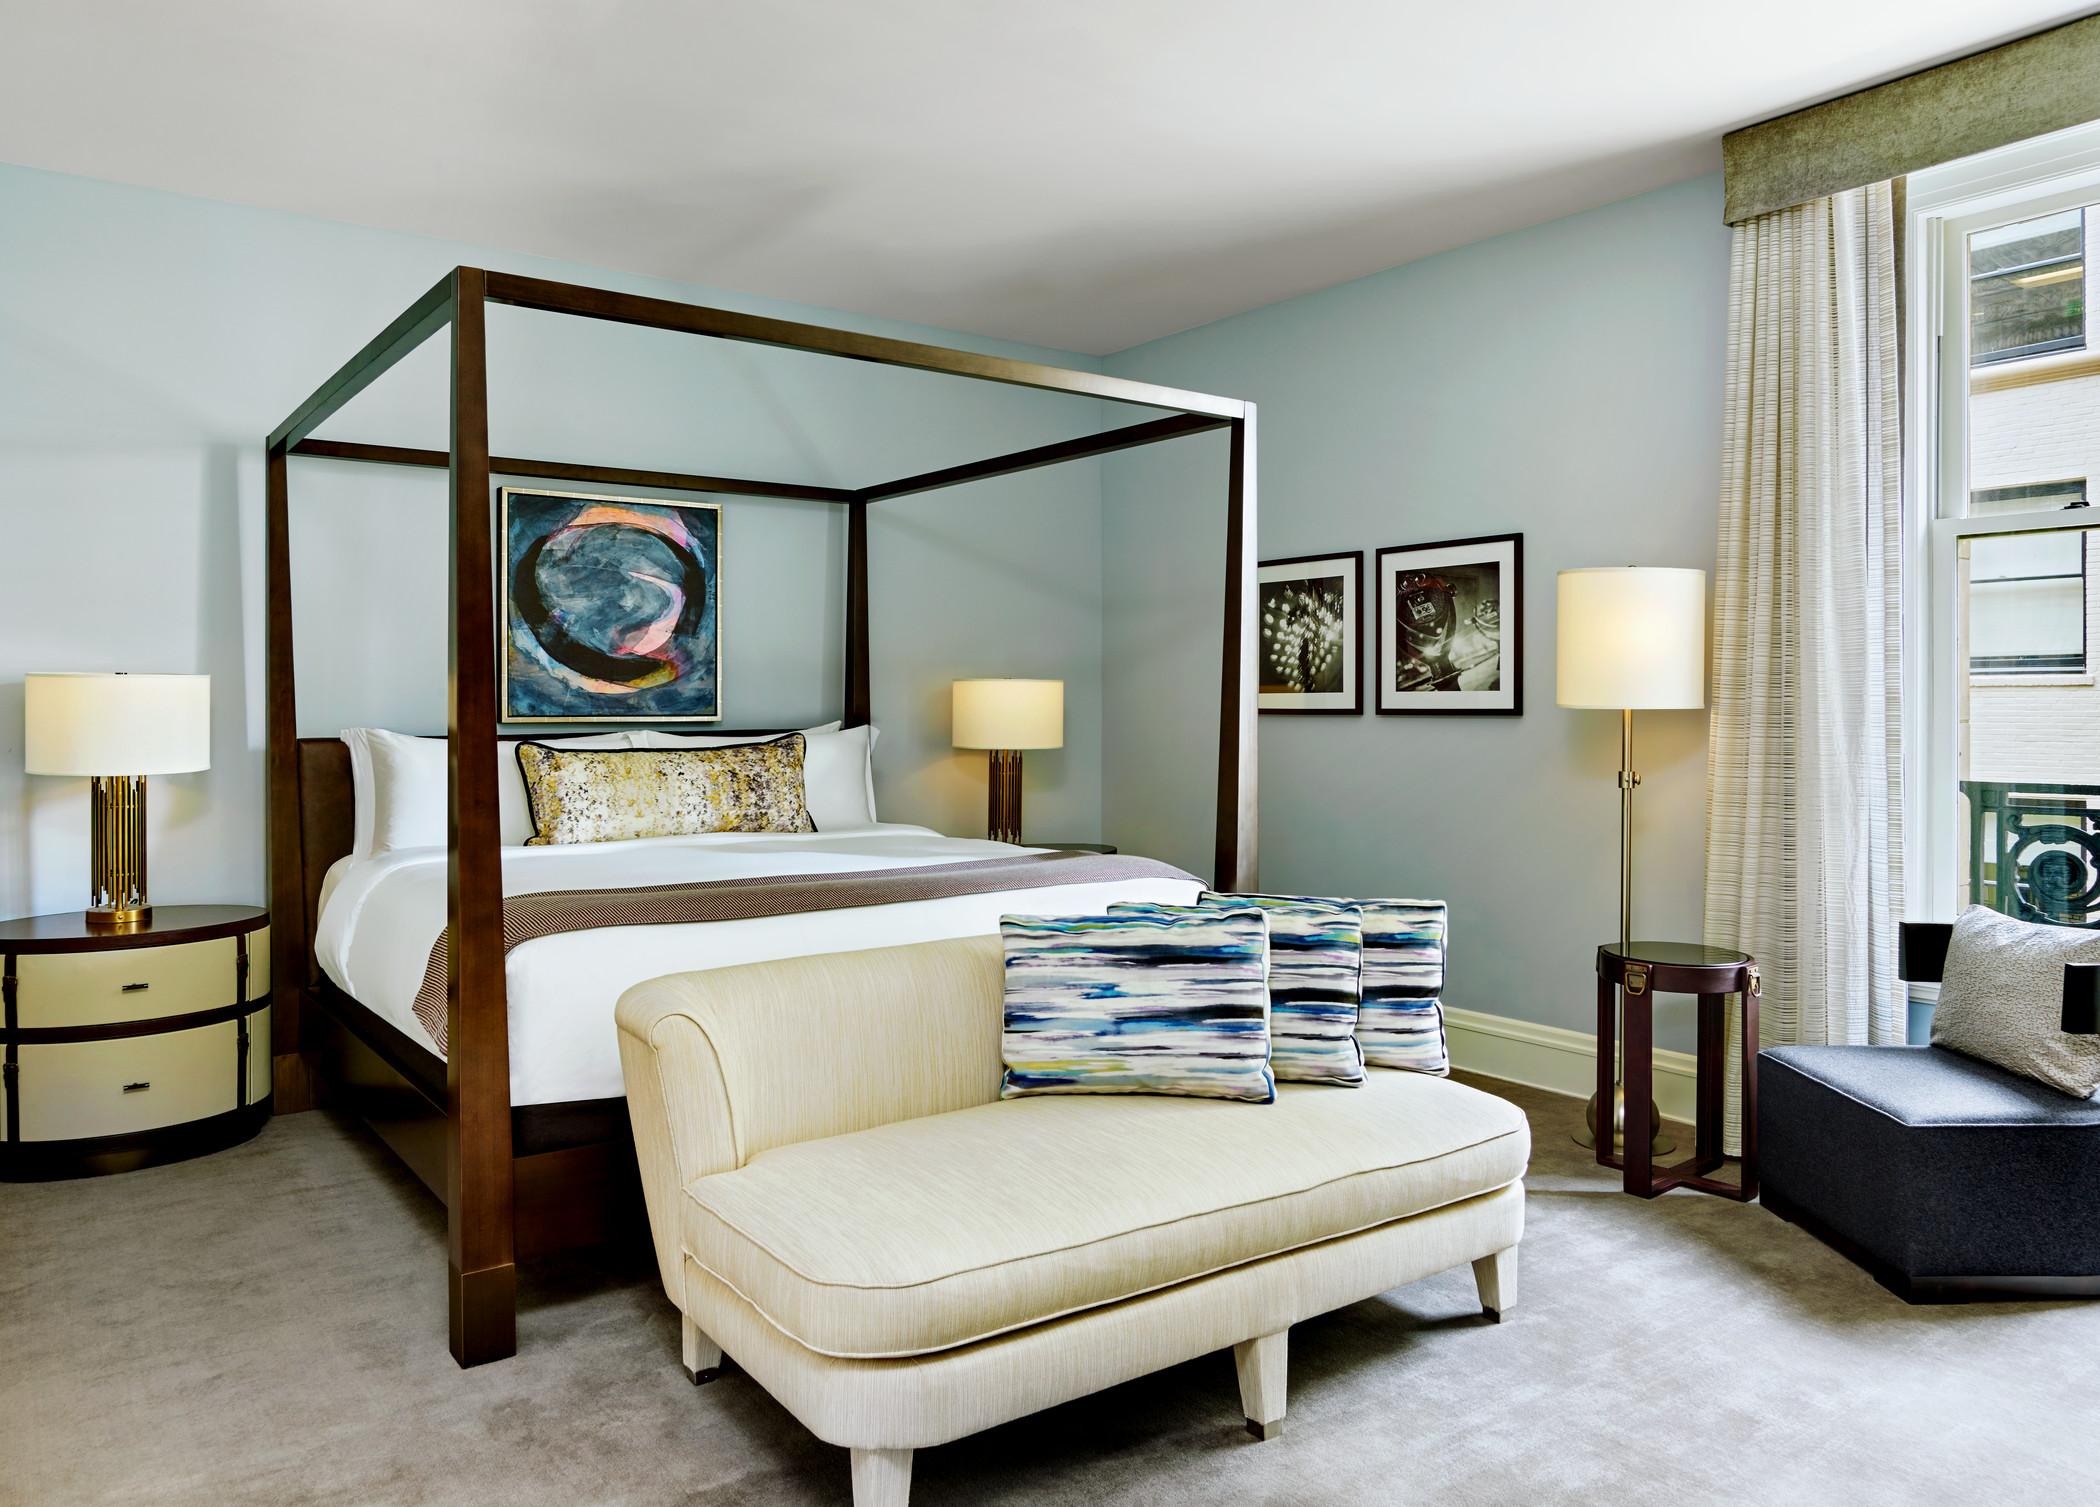 lux373gr-179301-788 Bedroom.jpg